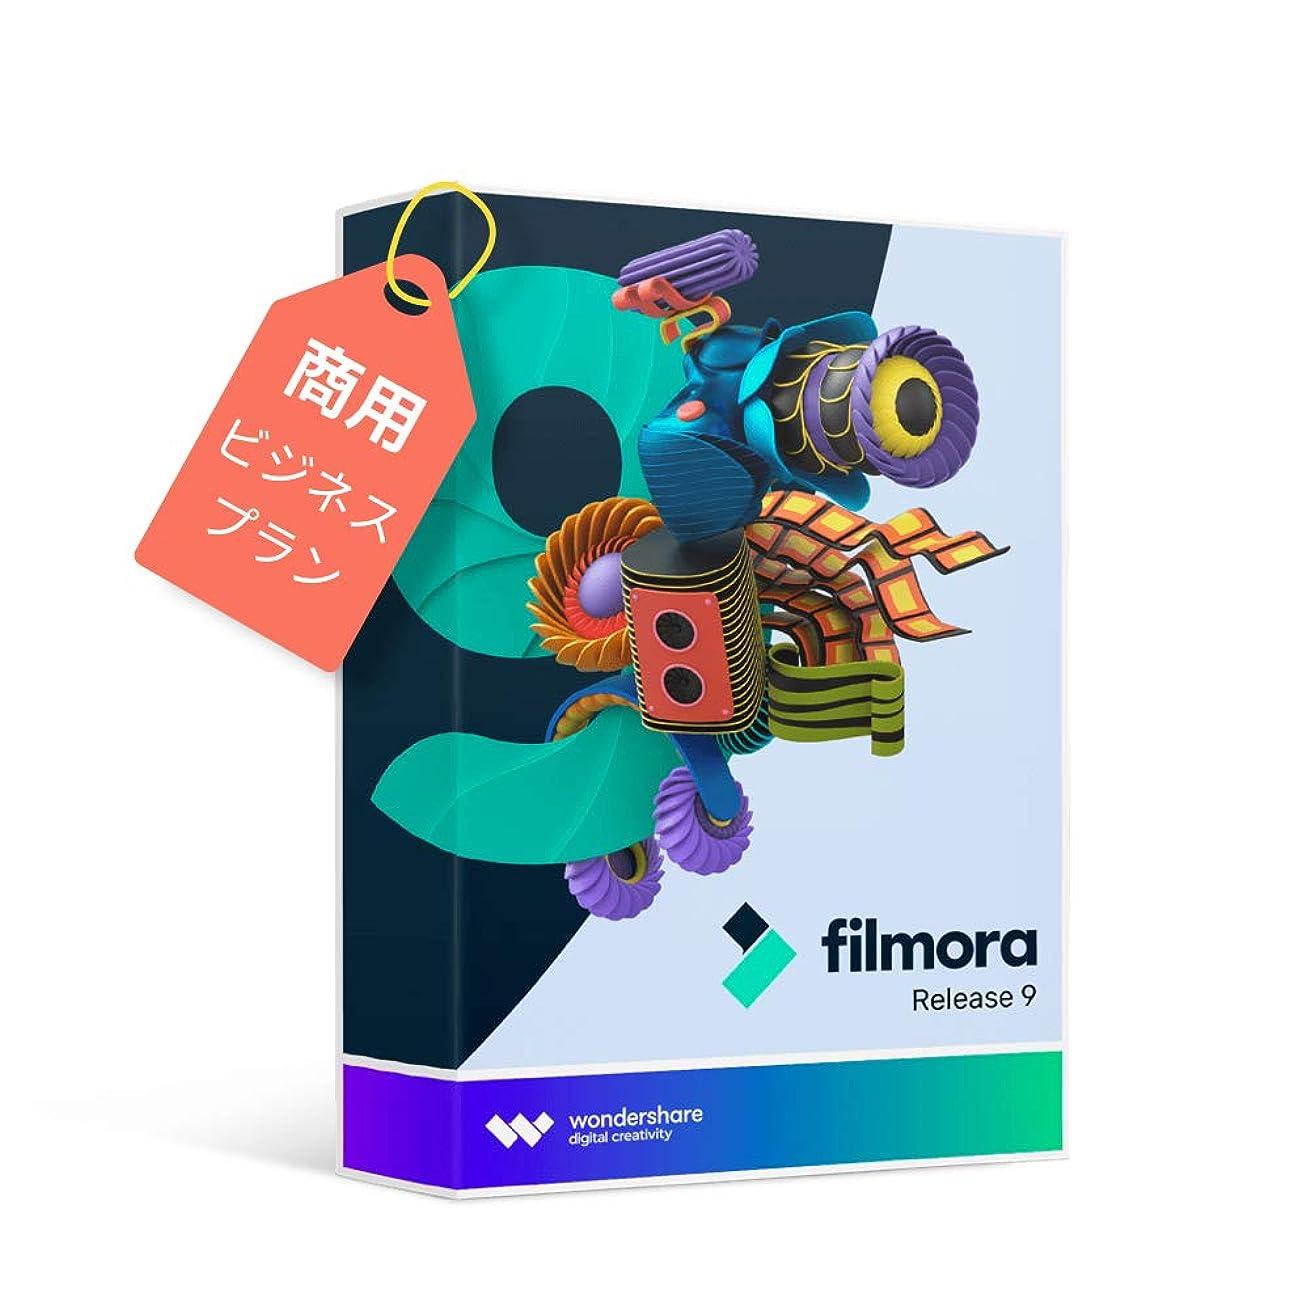 裁判官拡張罪人Wondershare Filmora9 ビジネス版(商用ライセンス)(Win版) 次世代動画編集ソフト 収益化可 永久ライセンス ワンダーシェアー